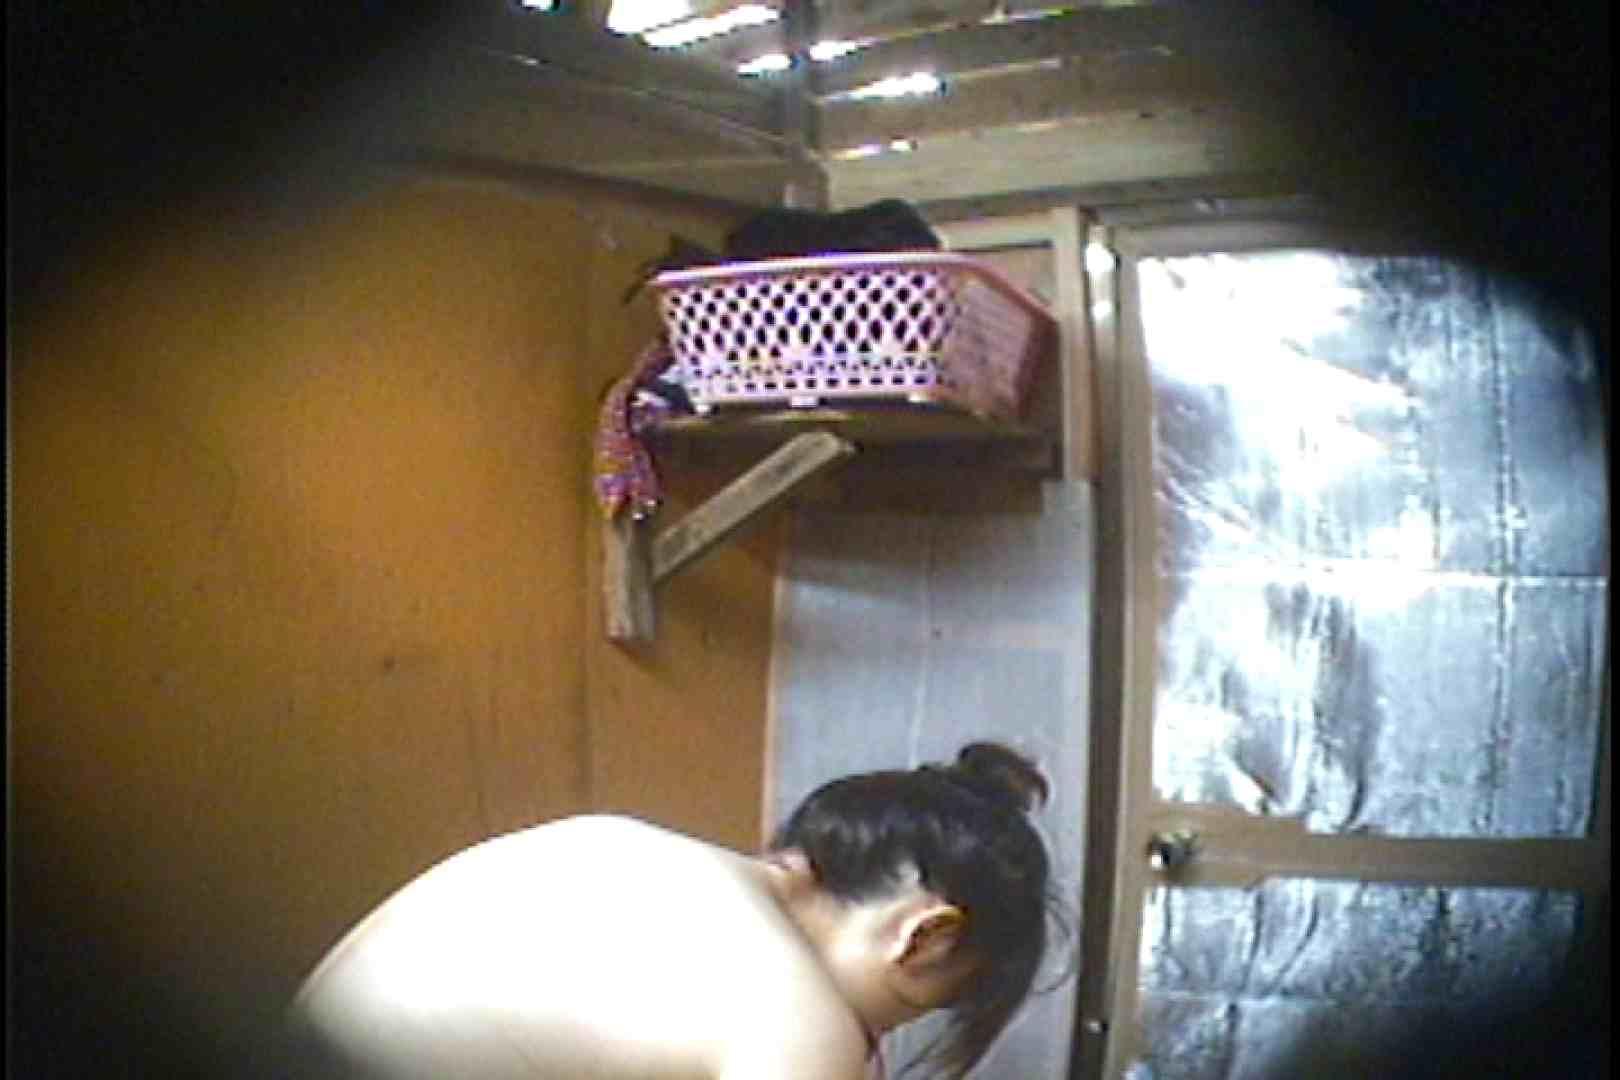 海の家の更衣室 Vol.37 シャワー室 すけべAV動画紹介 107枚 60